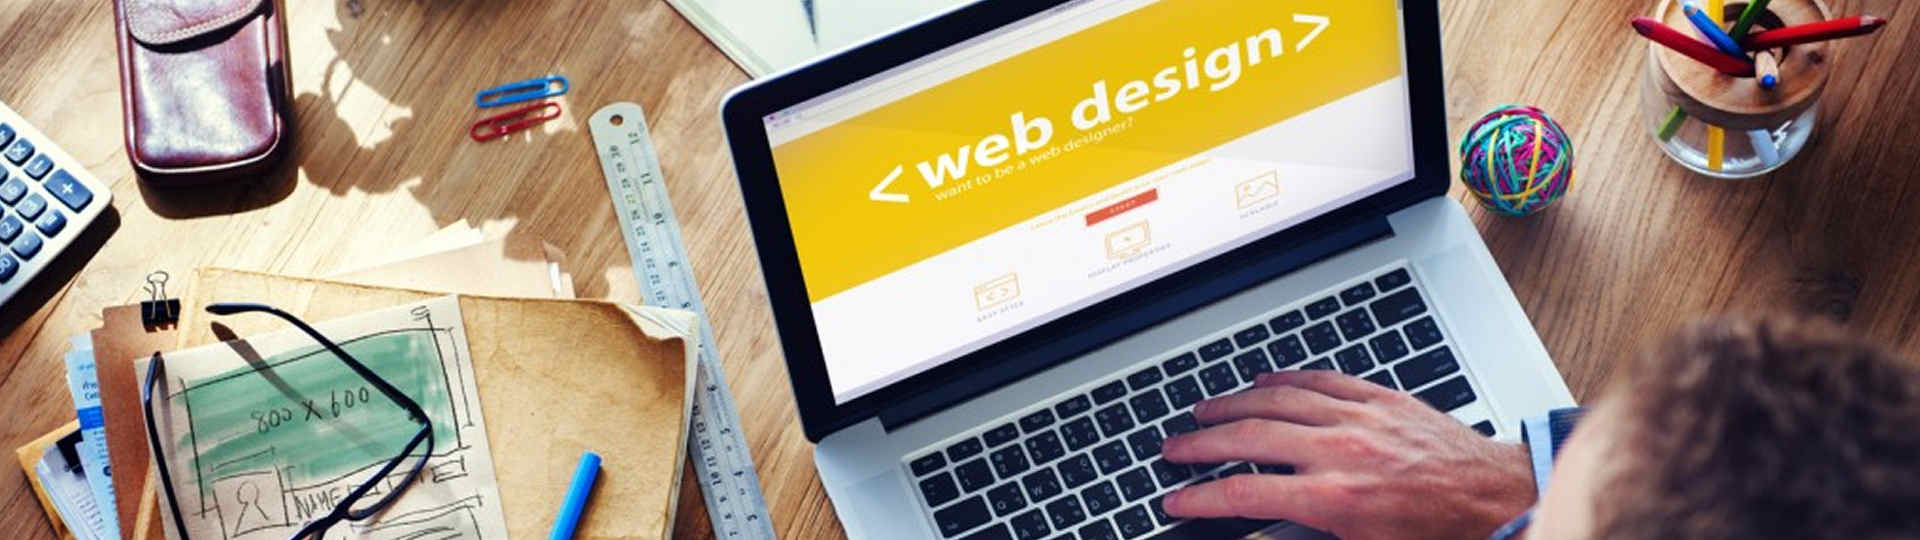 Creazione e realizzazione siti web cremona